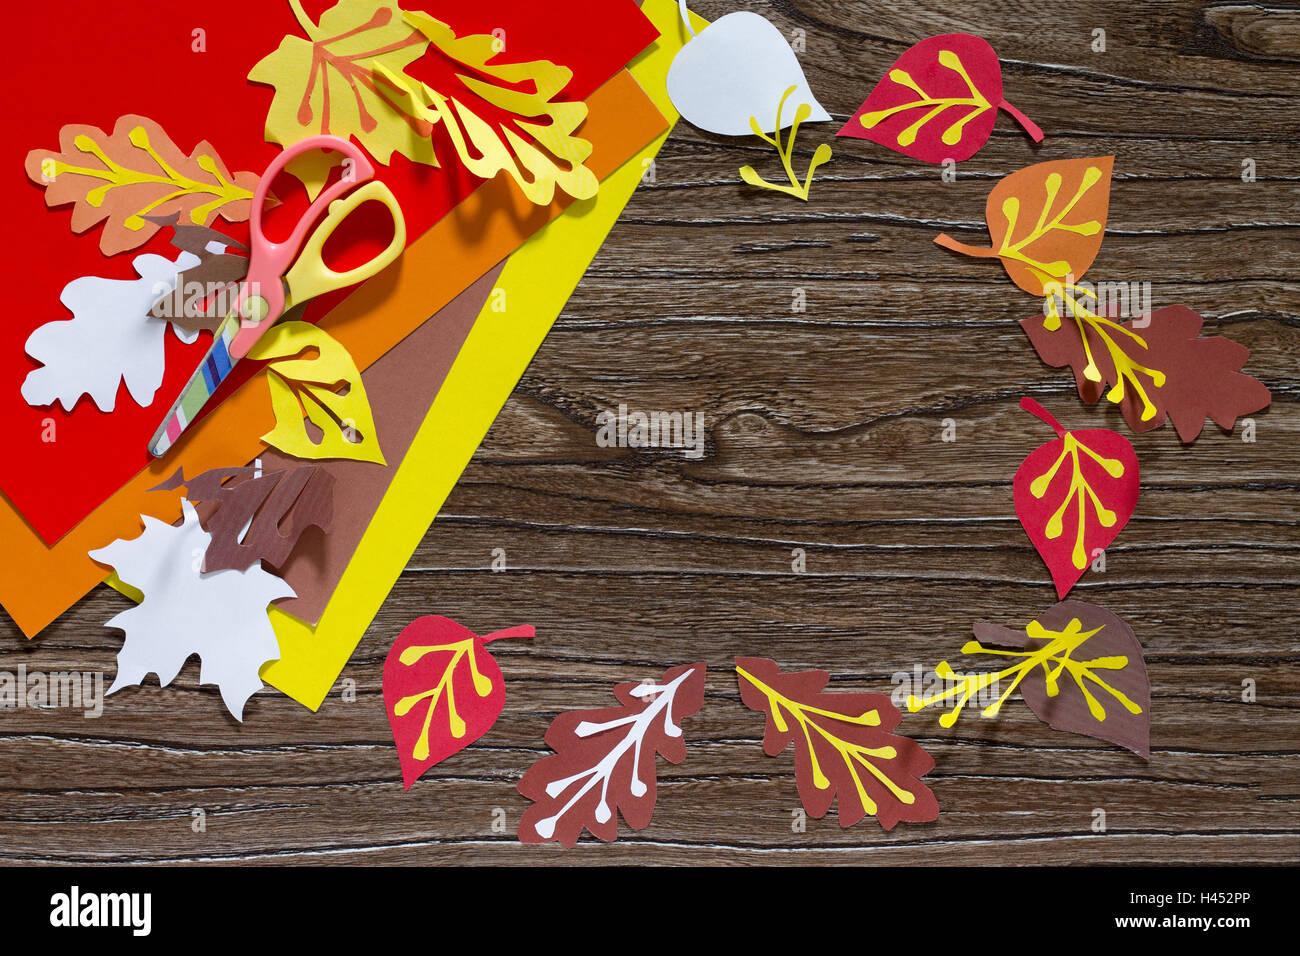 Herbst Farbiges Papier Hinterlässt Auf Den Hölzernen Hintergrund